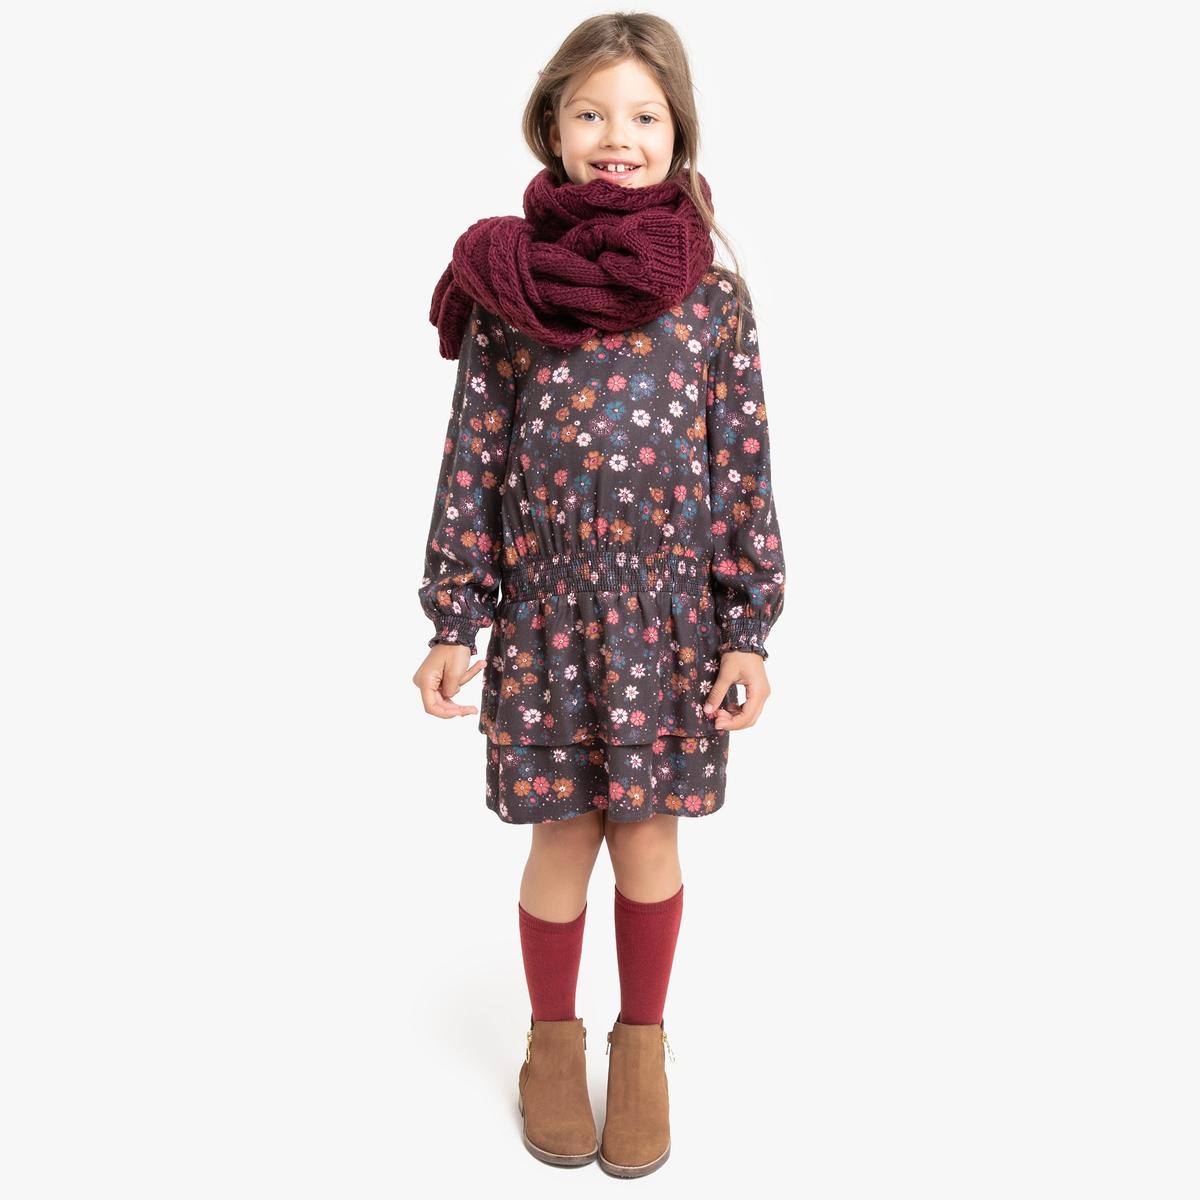 Платье La Redoute Струящееся со сборками и цветочным принтом 12 лет -150 см другие пижама la redoute с шортами и цветочным принтом 12 лет 150 см другие